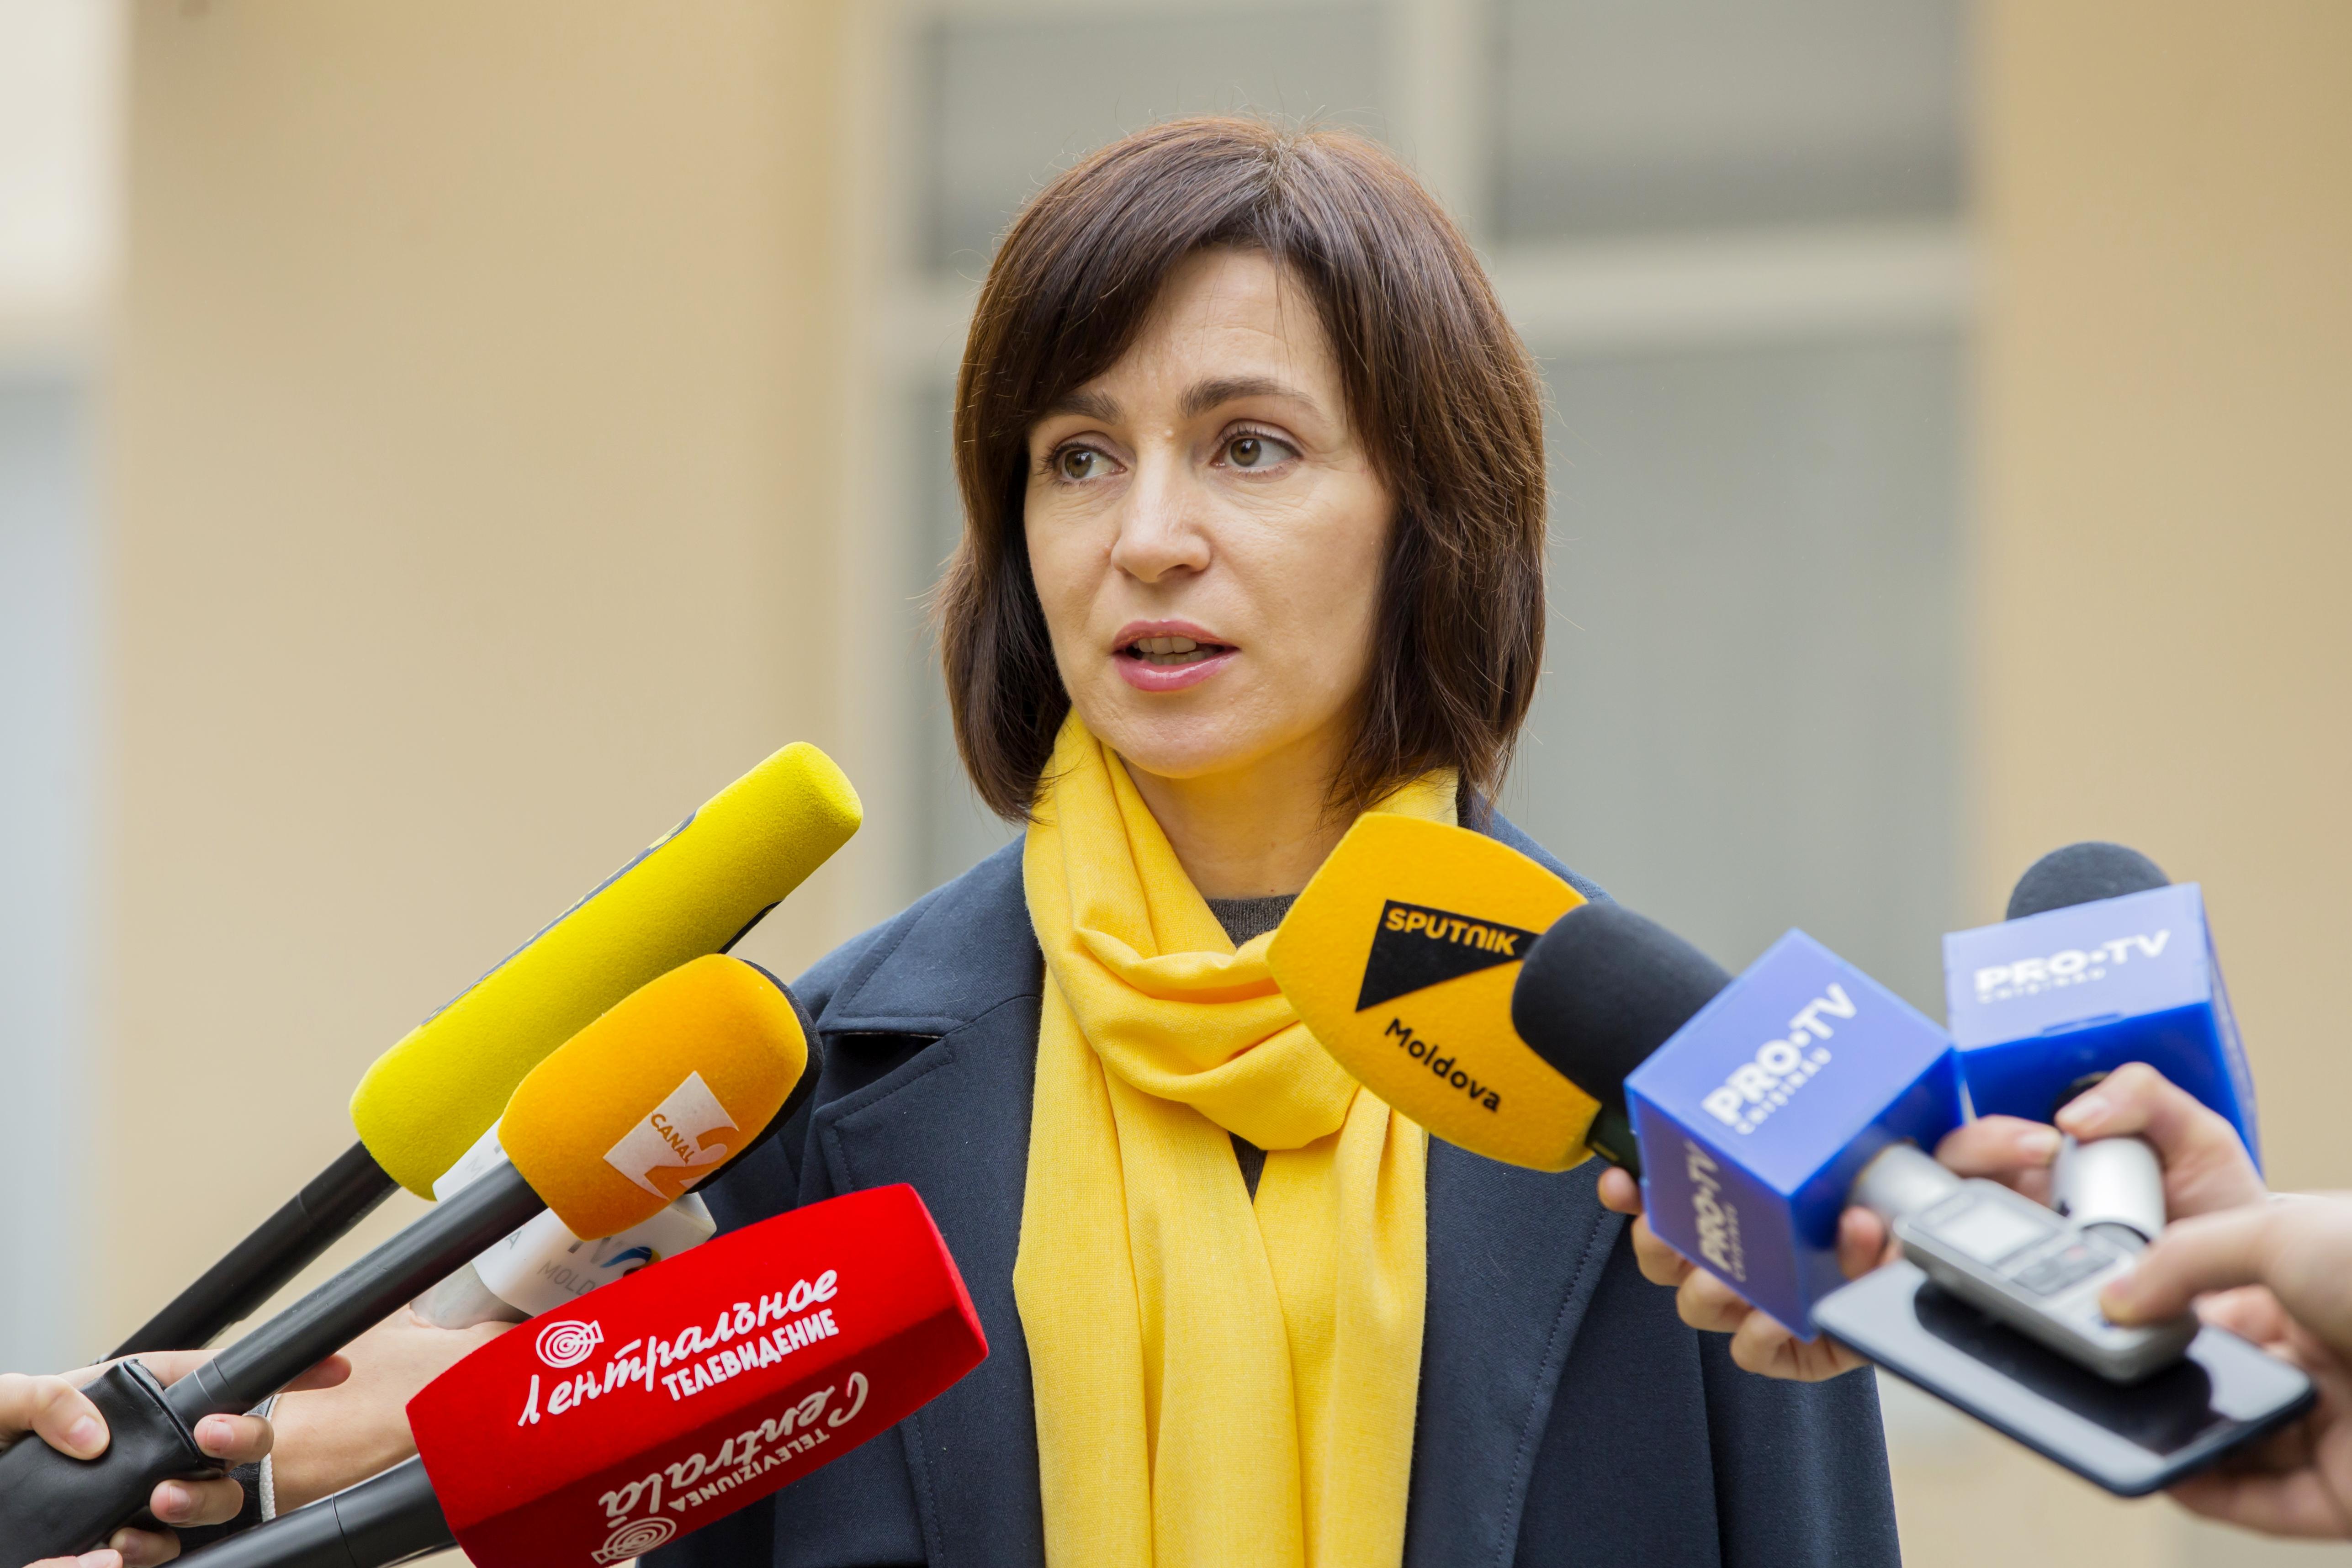 Az Európa-barát jelölt nyerte a választás első fordulóját Moldovában